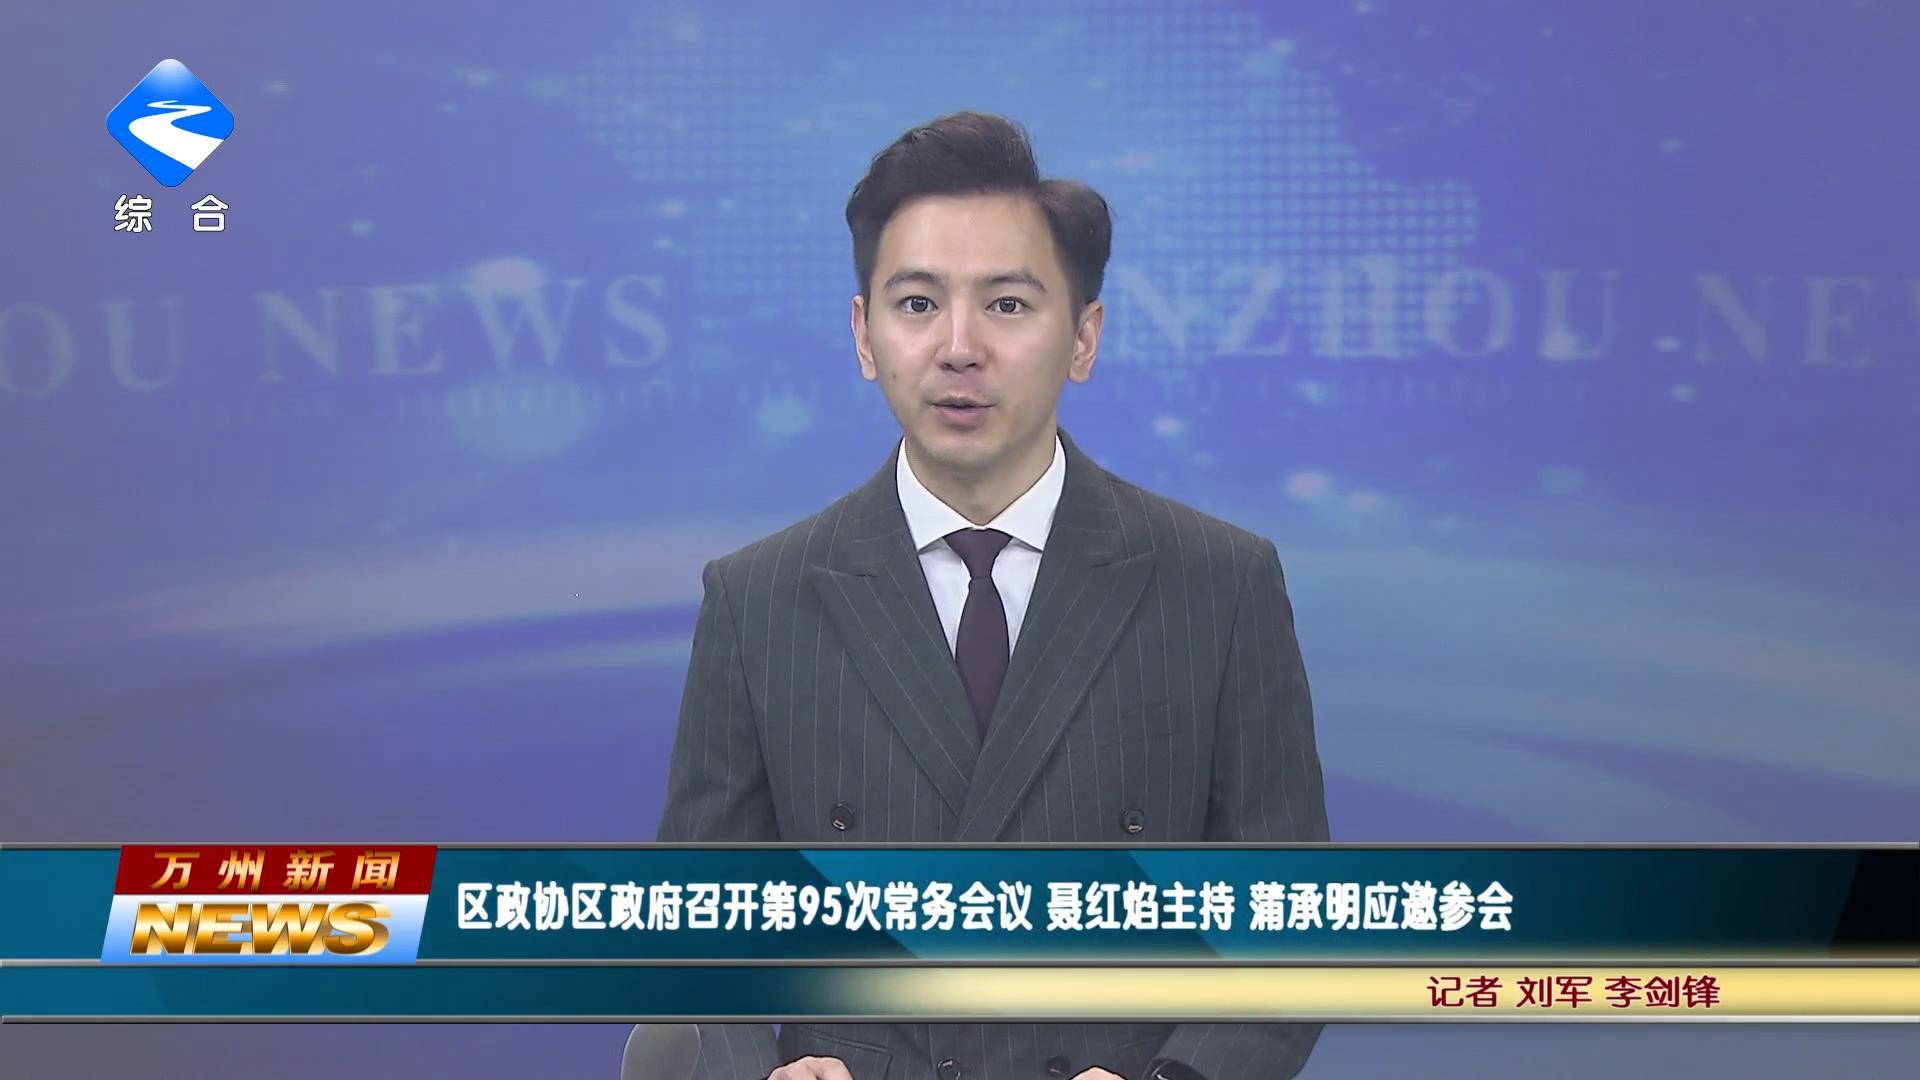 区政府召开第95次常务会议 聂红焰主持 蒲承明应邀参会